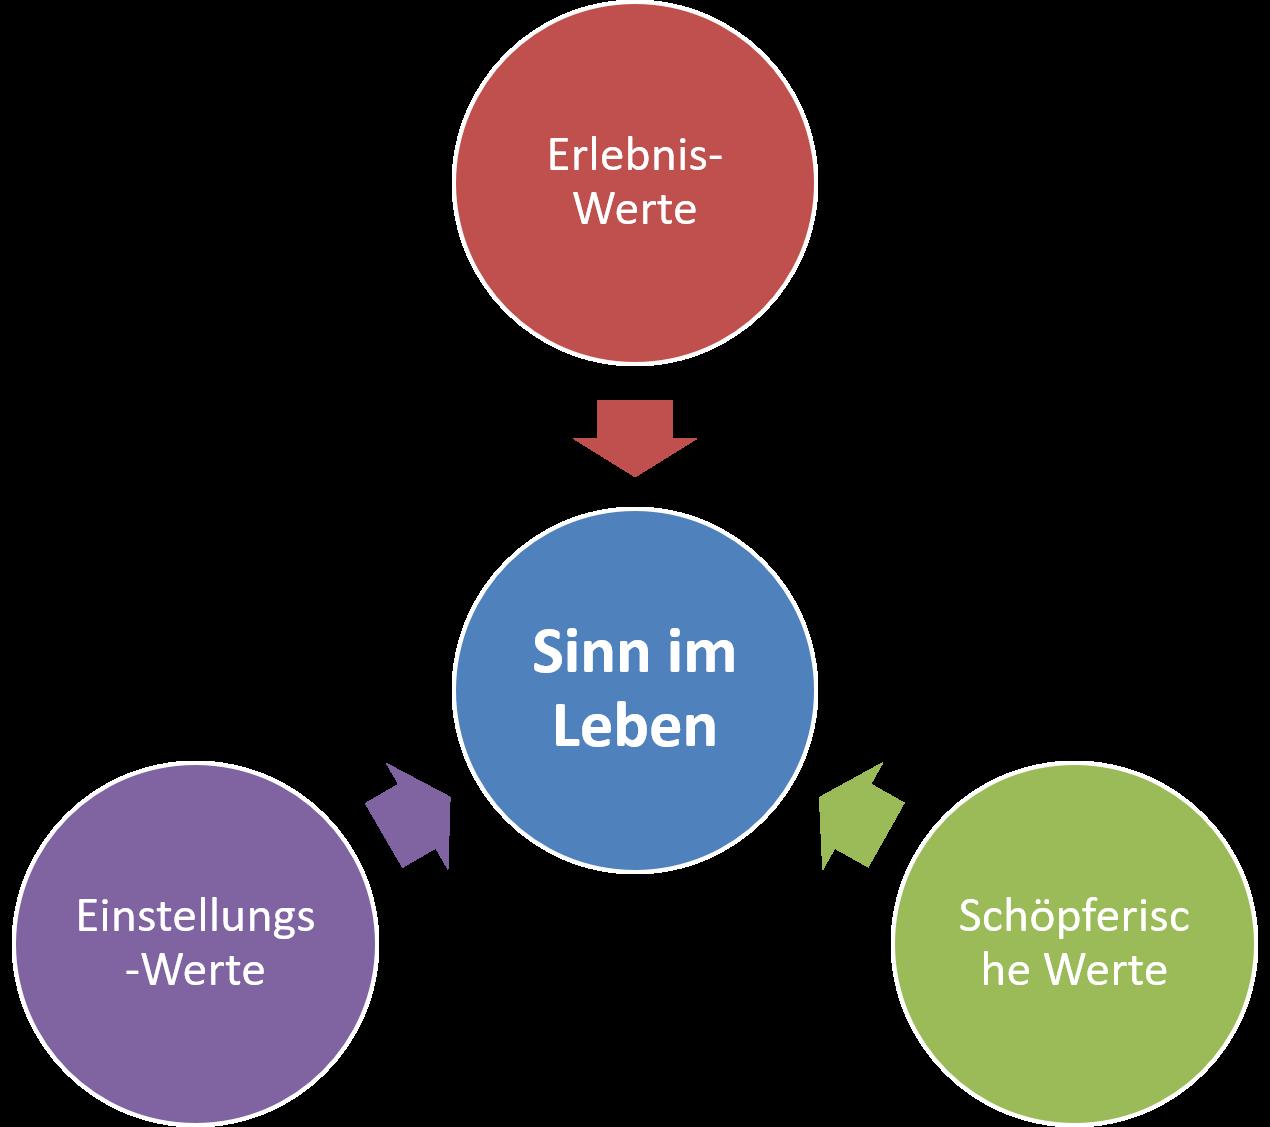 FRITZ - Viktor Frankl Existenzanalyse Logotherapie